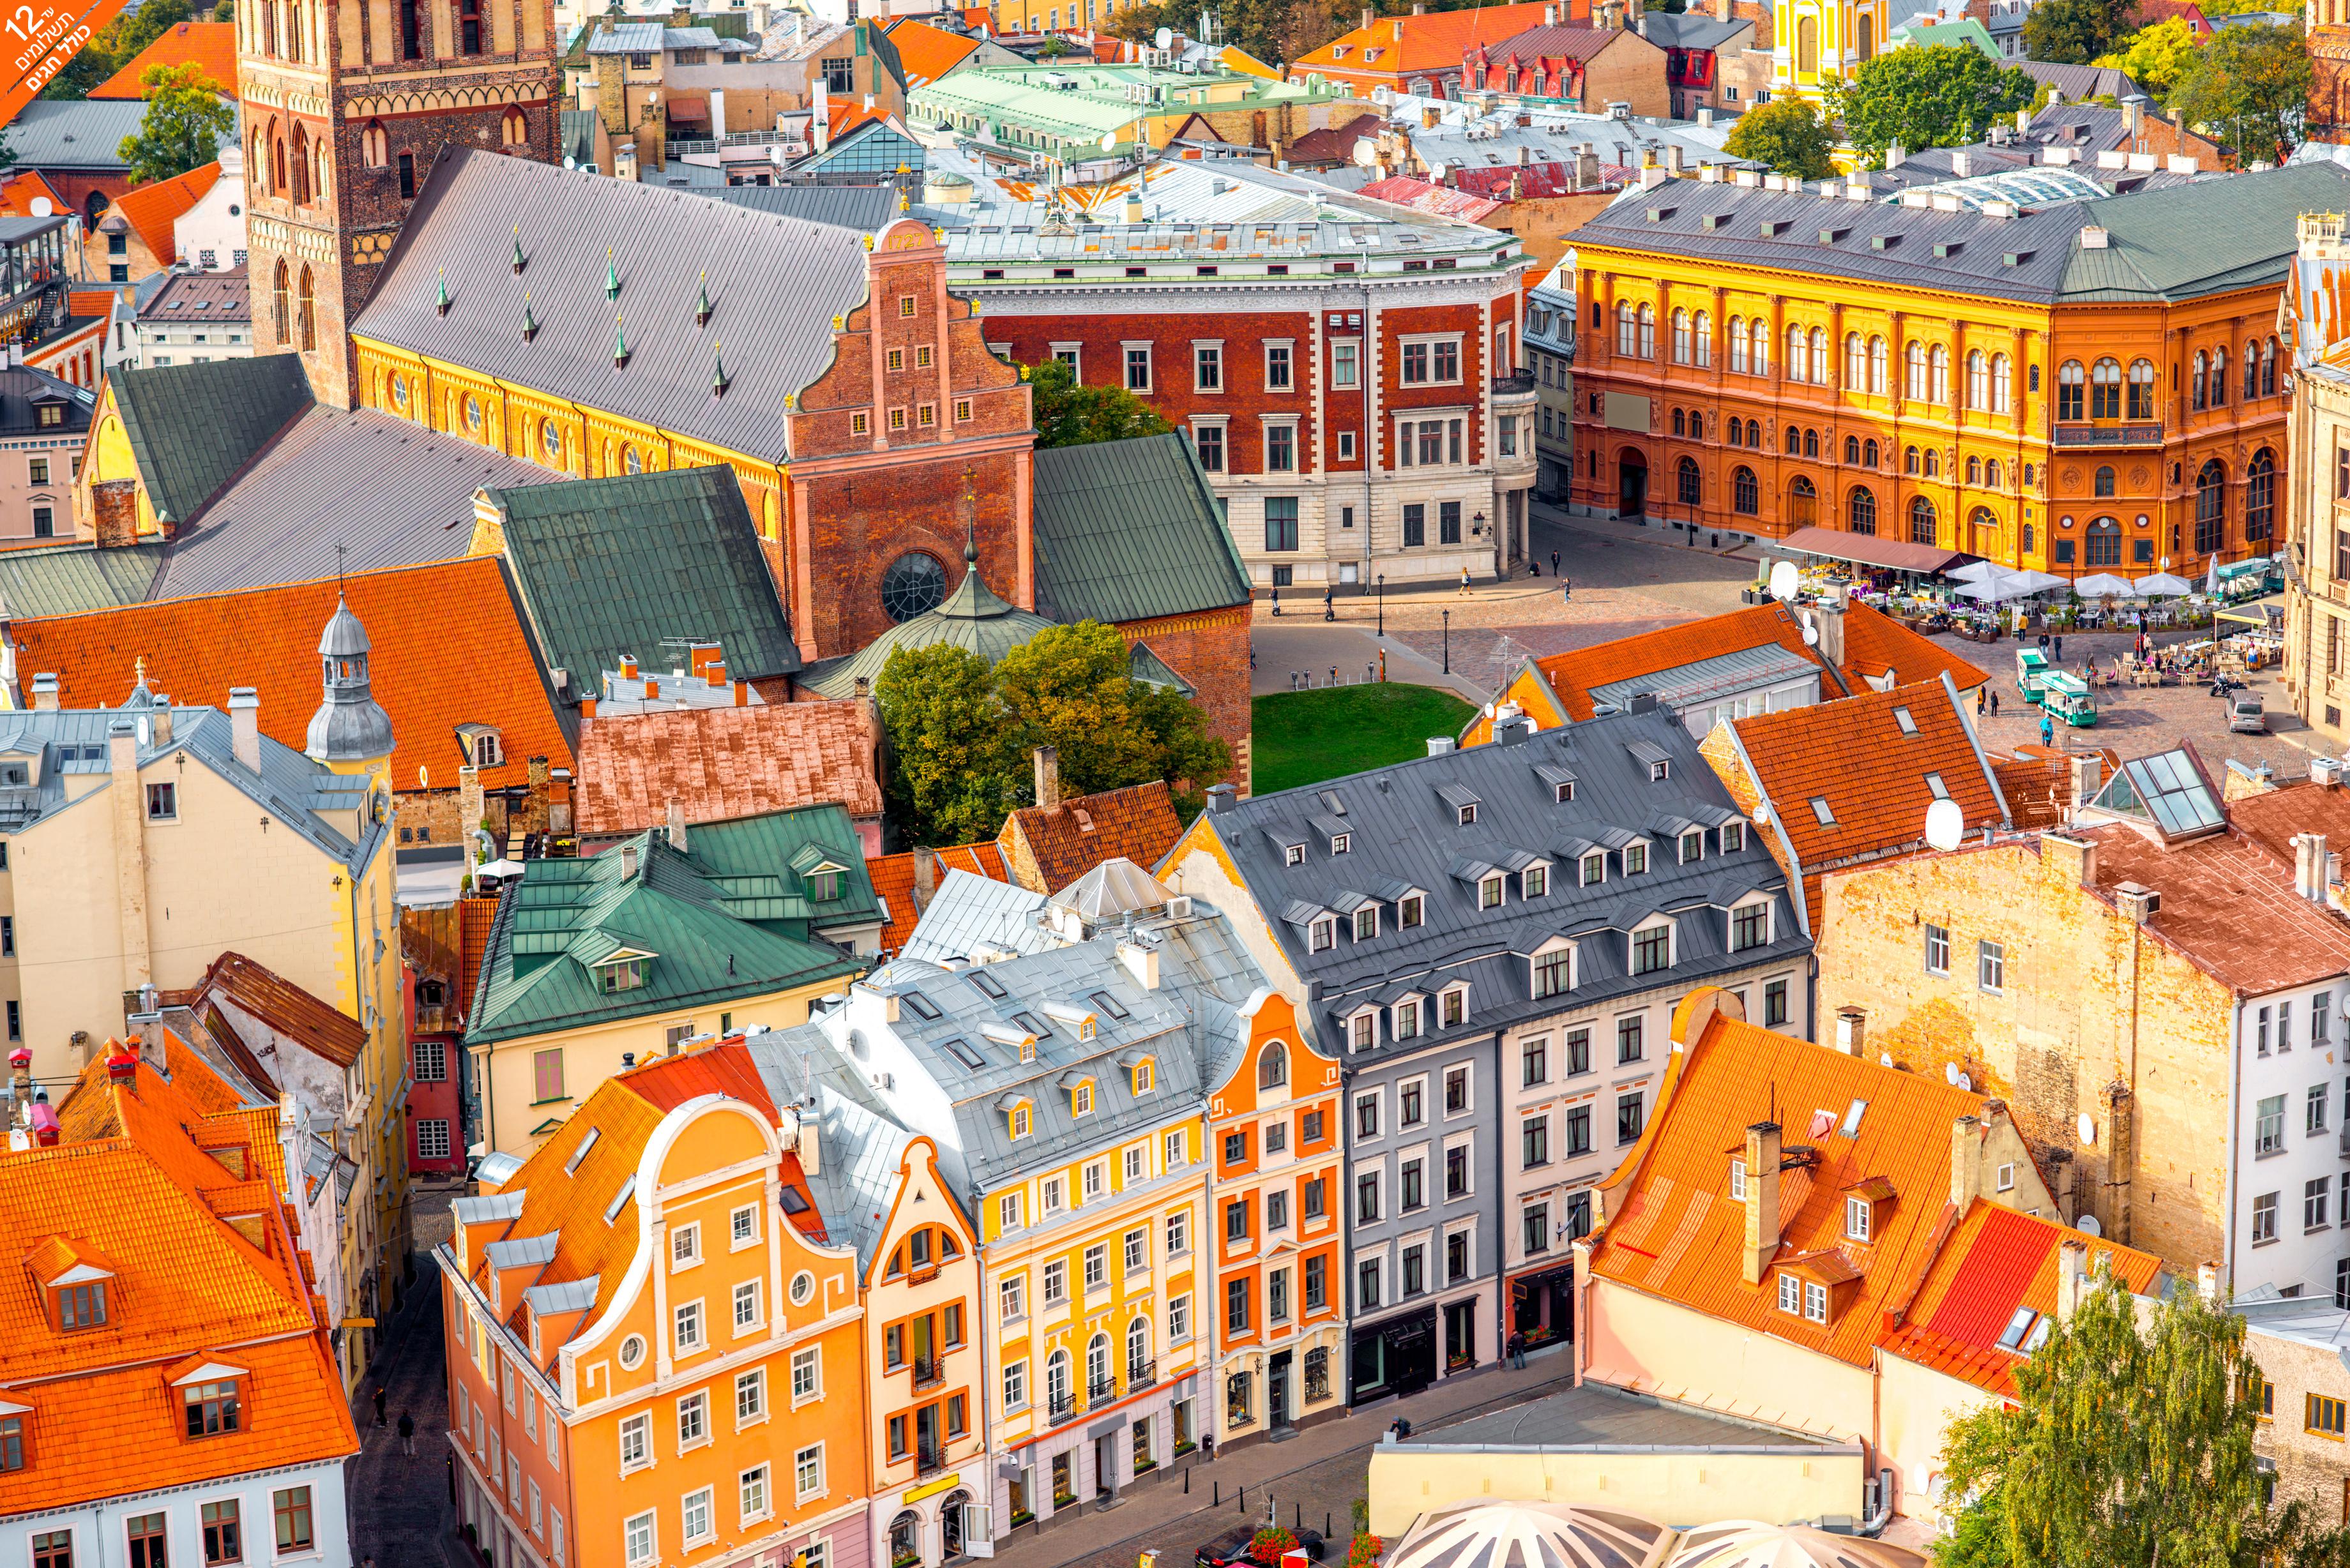 7 טיול מאורגן דרך הענבר של המדינות הבלטיות - קיץ וחגים